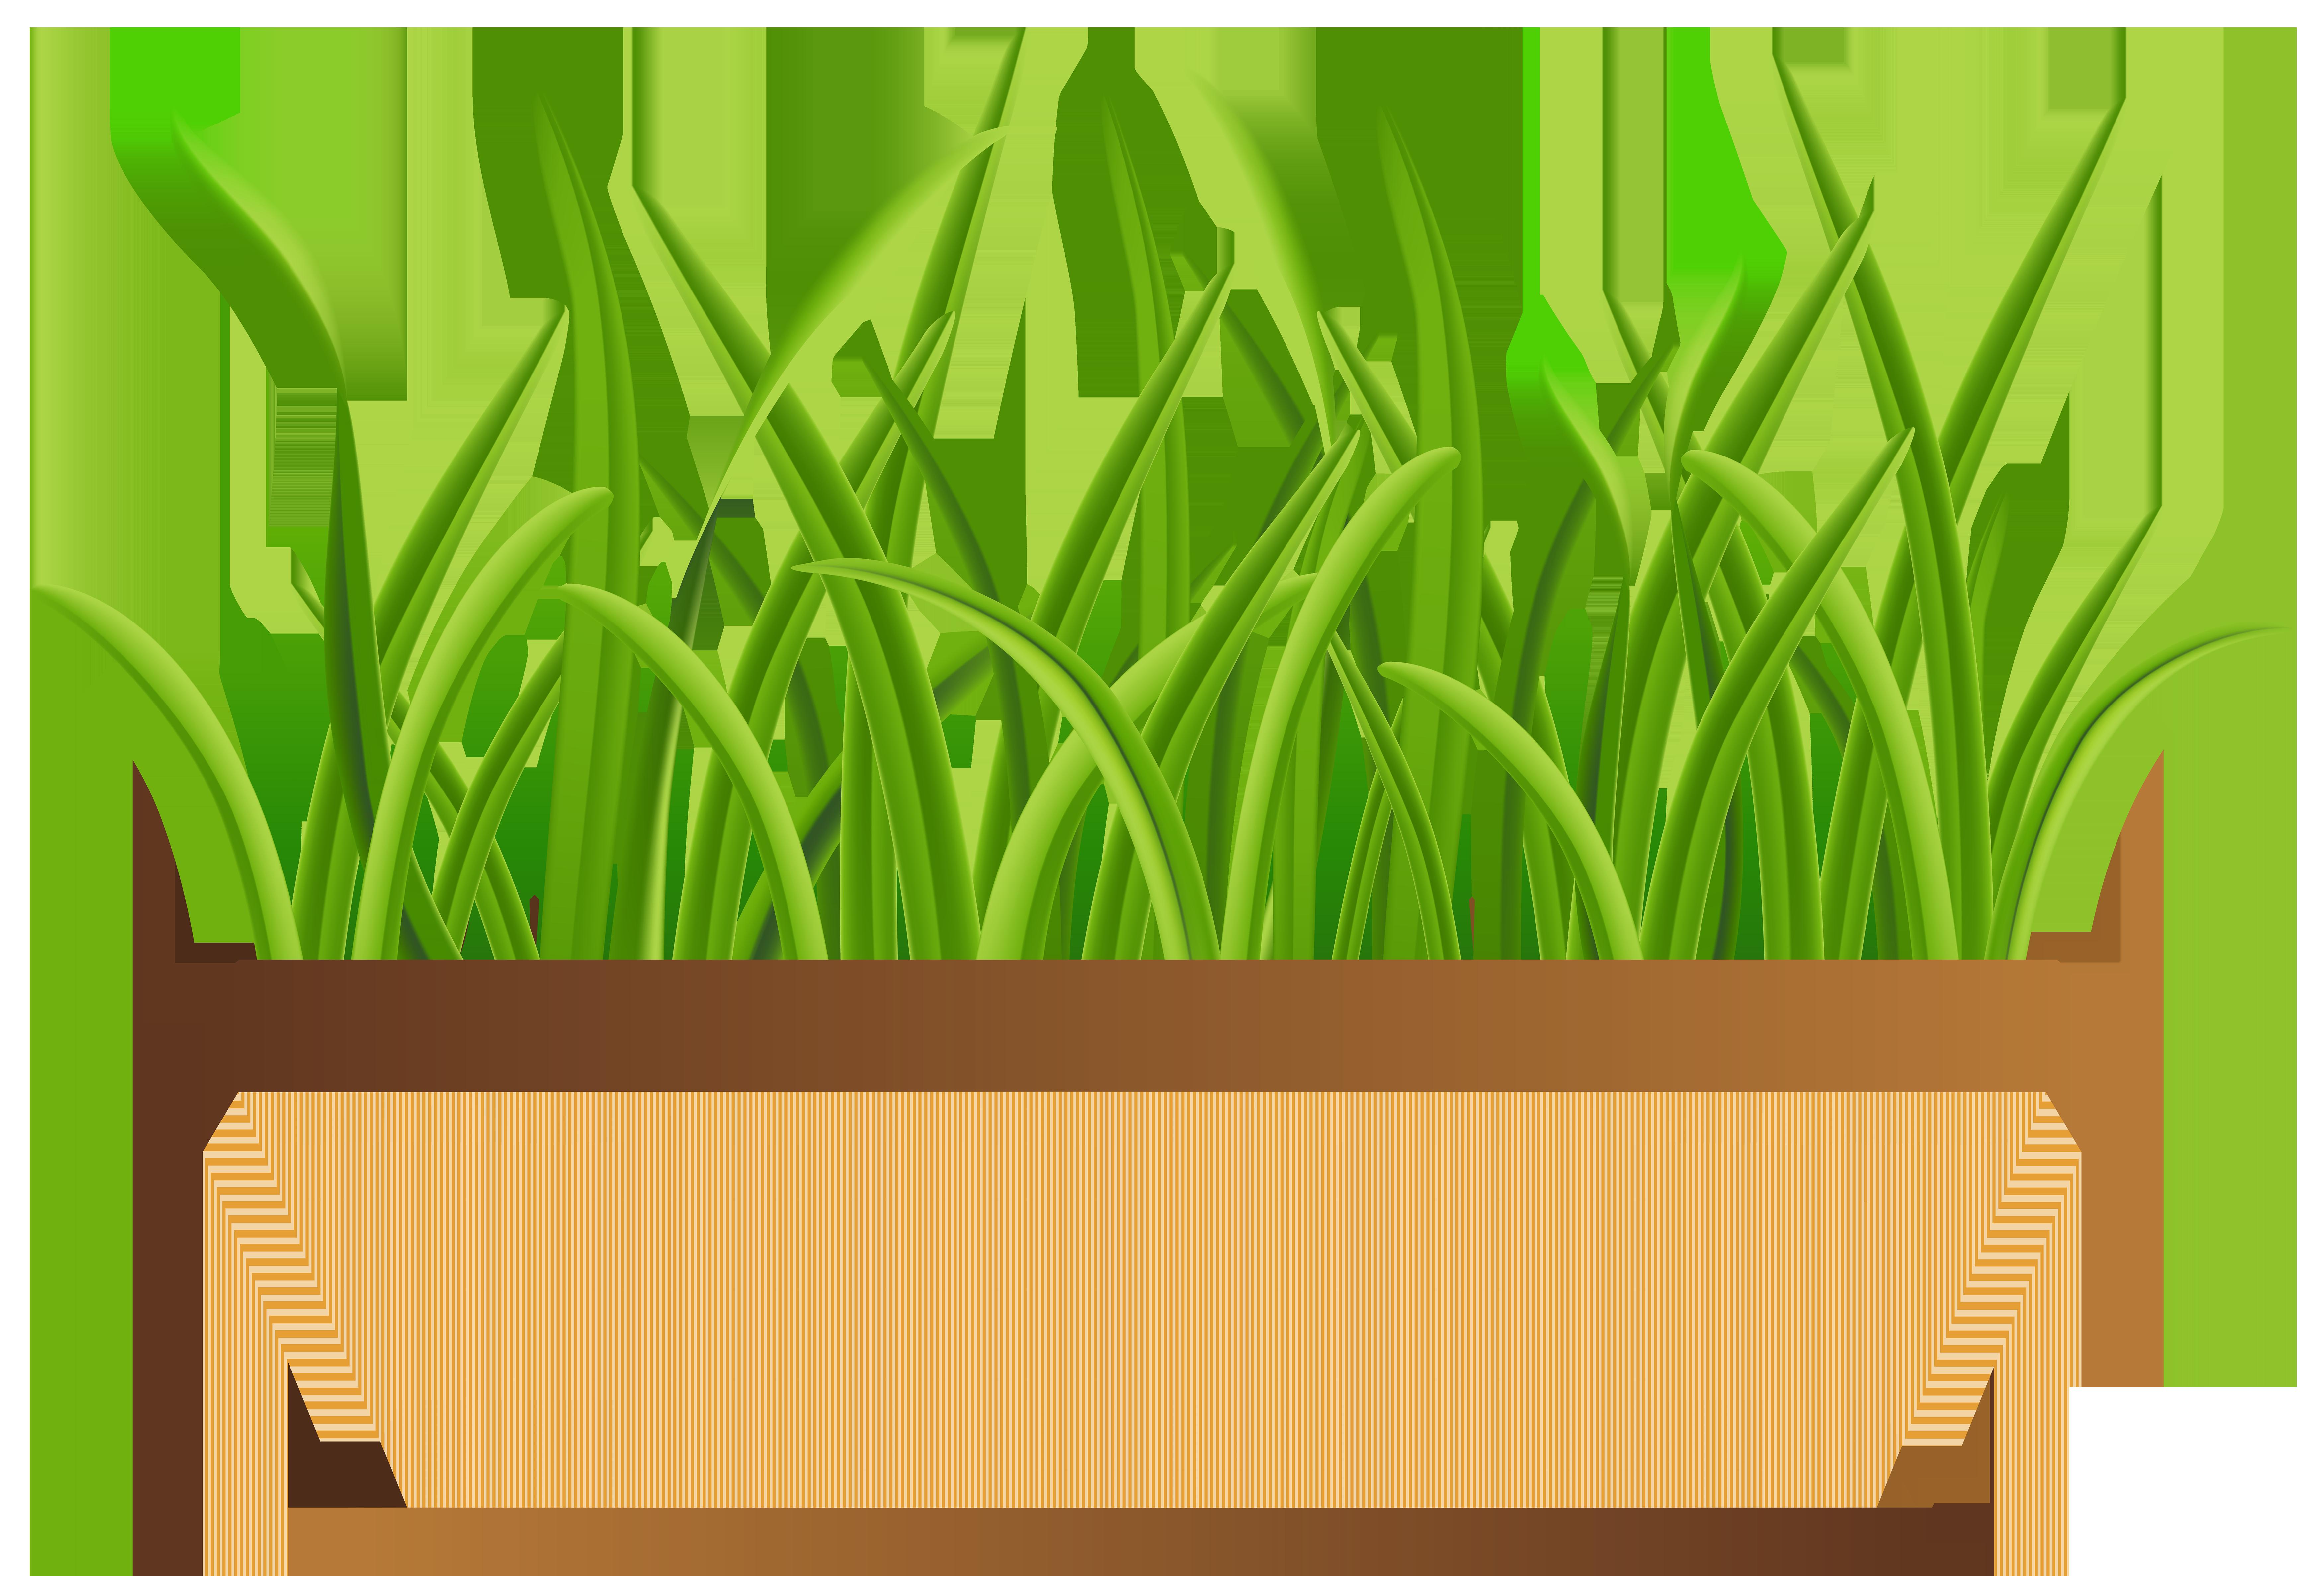 7000x4747 Flowerpot With Grass Transparent Png Clip Art Imageu200b Gallery